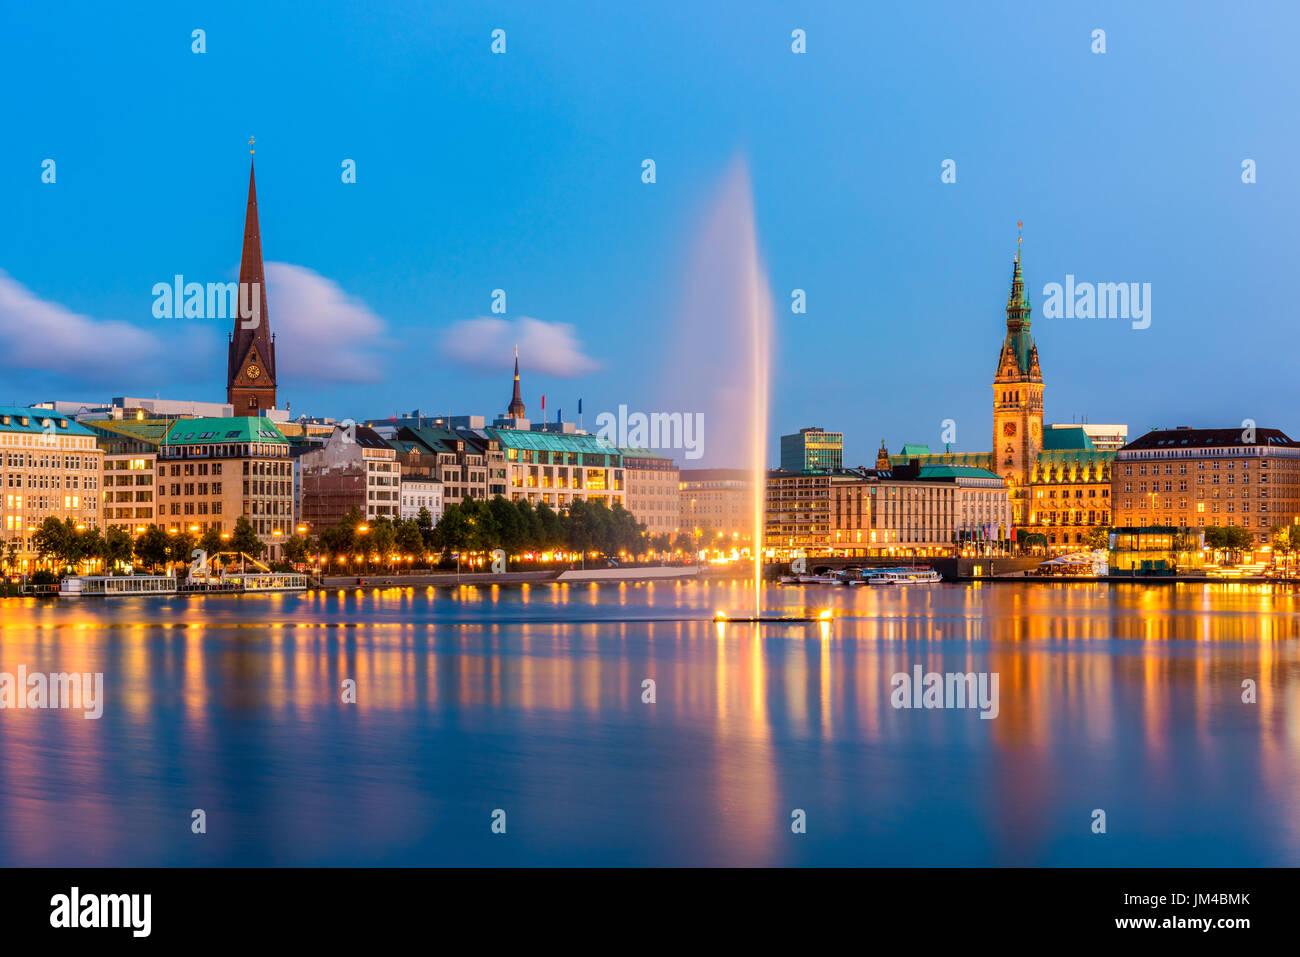 Hamburg Germany Skyline at dusk - Stock Image